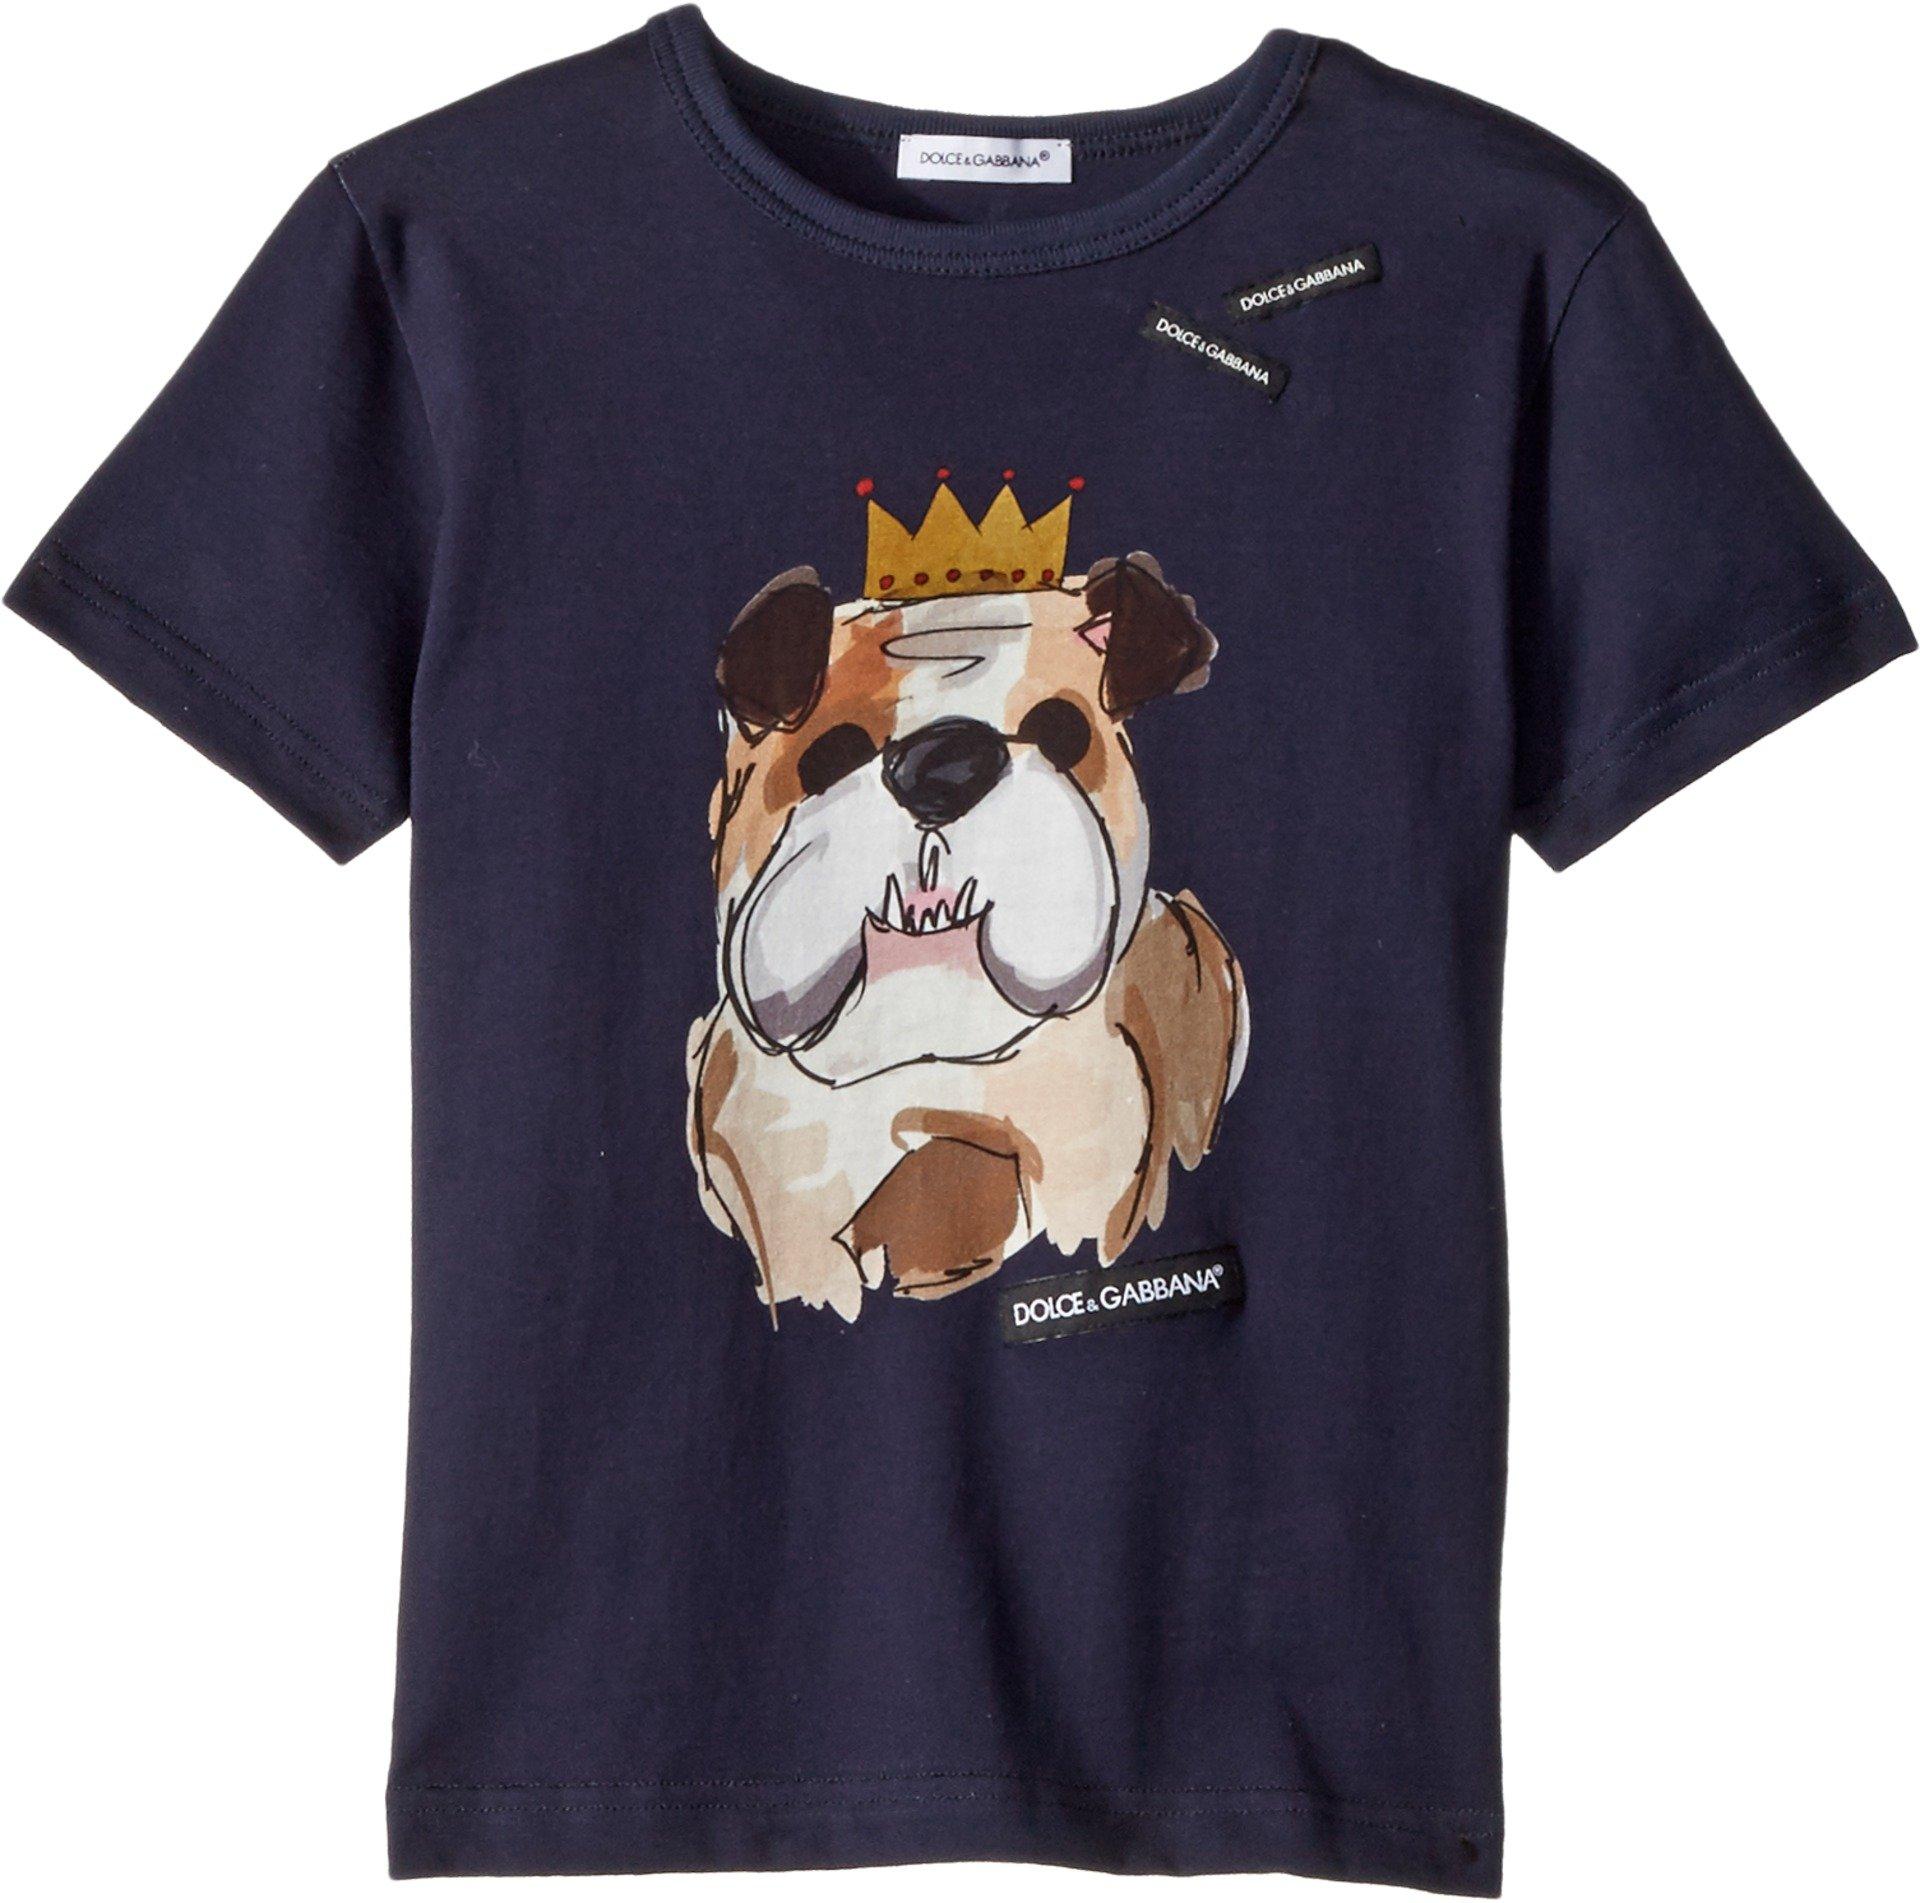 Dolce & Gabbana Kids Baby Boy's T-Shirt (Toddler/Little Kids) Blue Print 3T